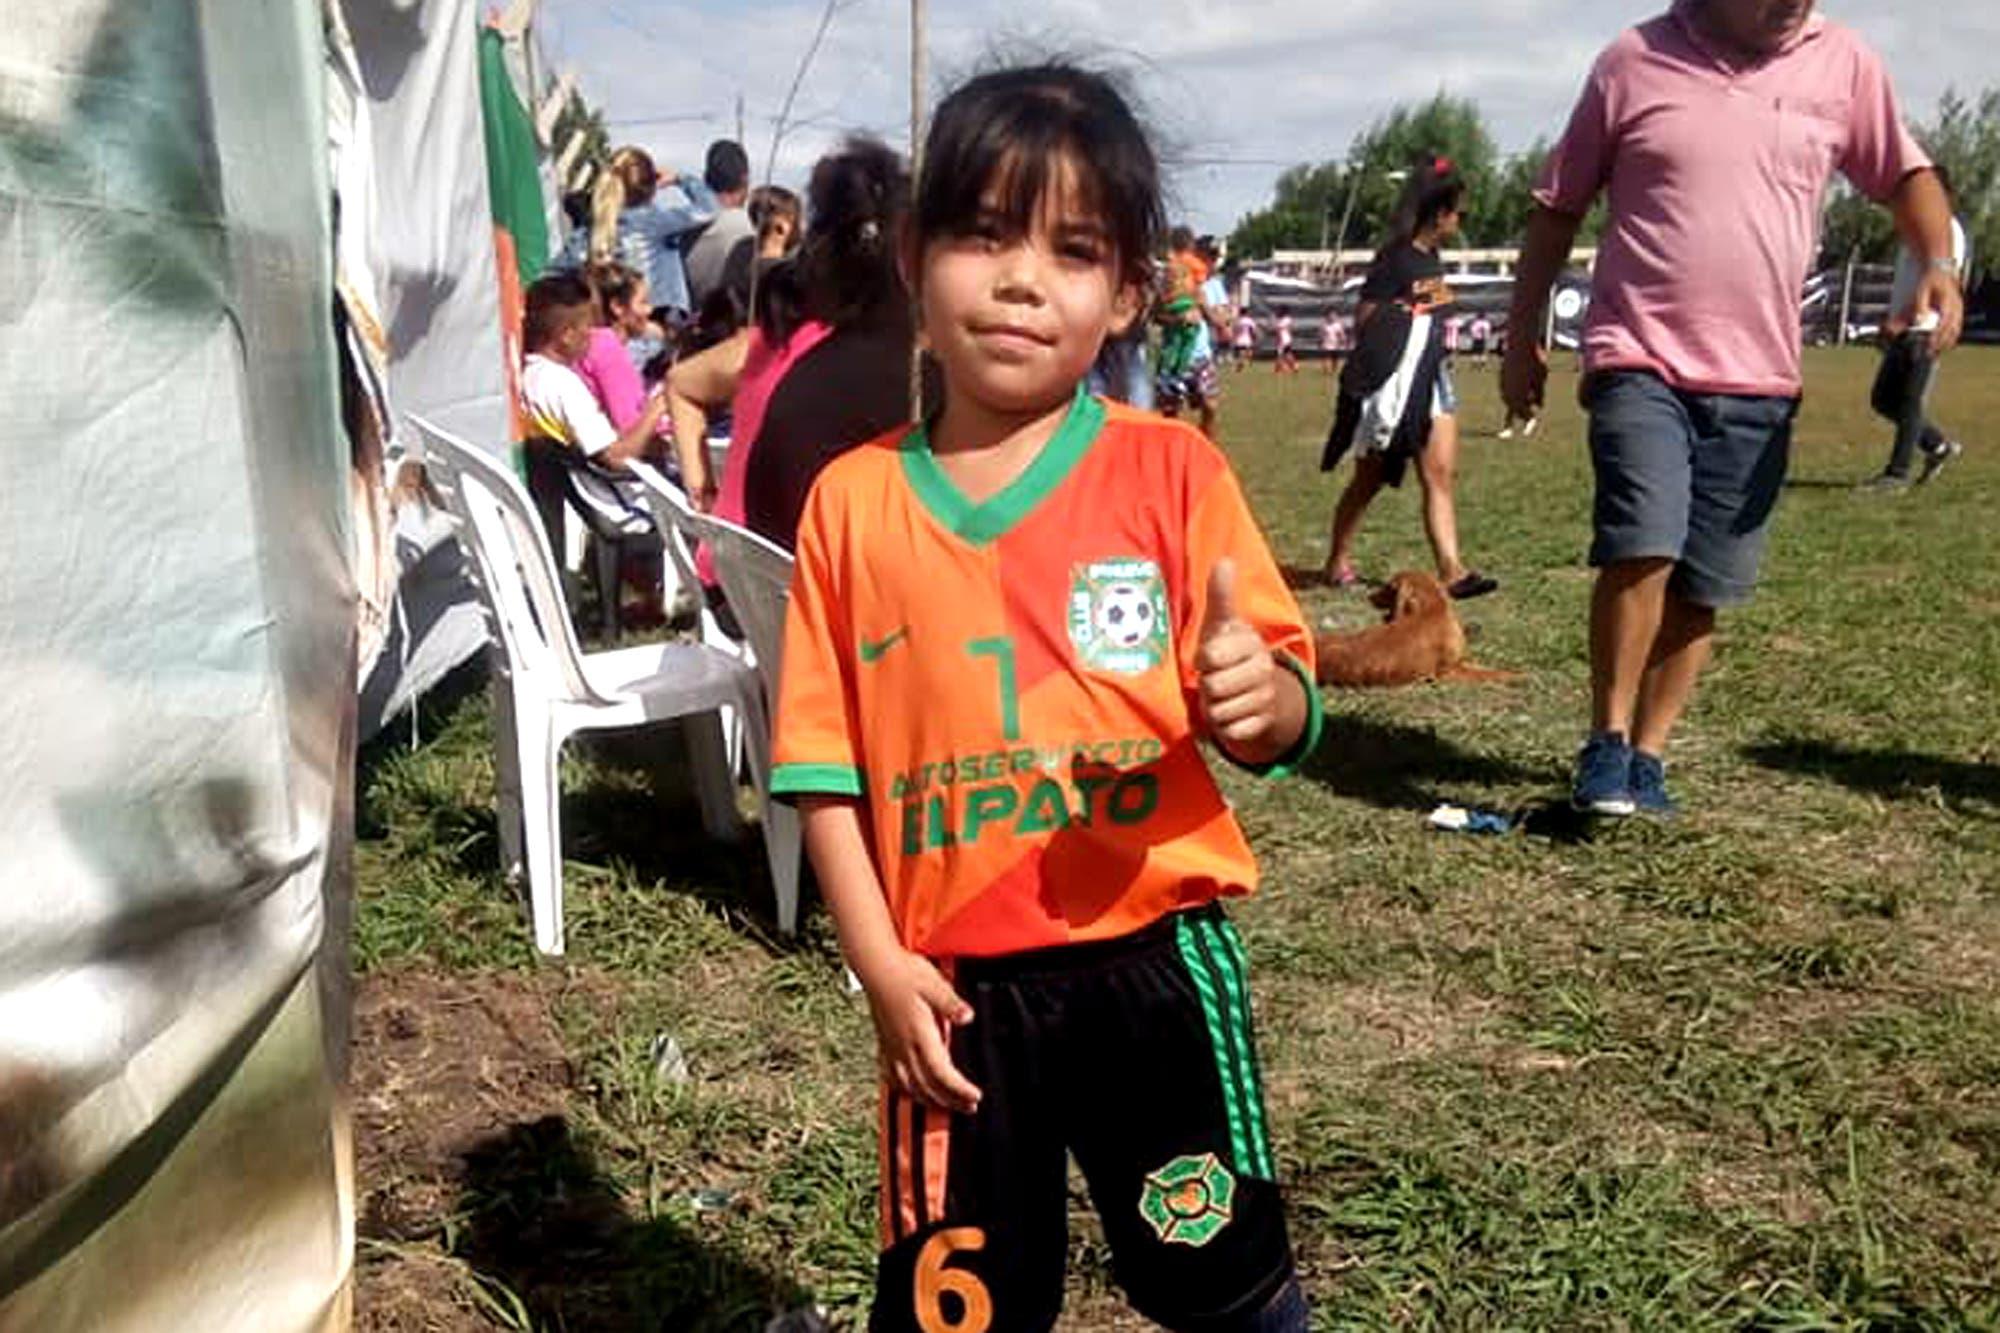 Zaira tiene siete años y lucha para que la dejen jugar al fútbol con los varones